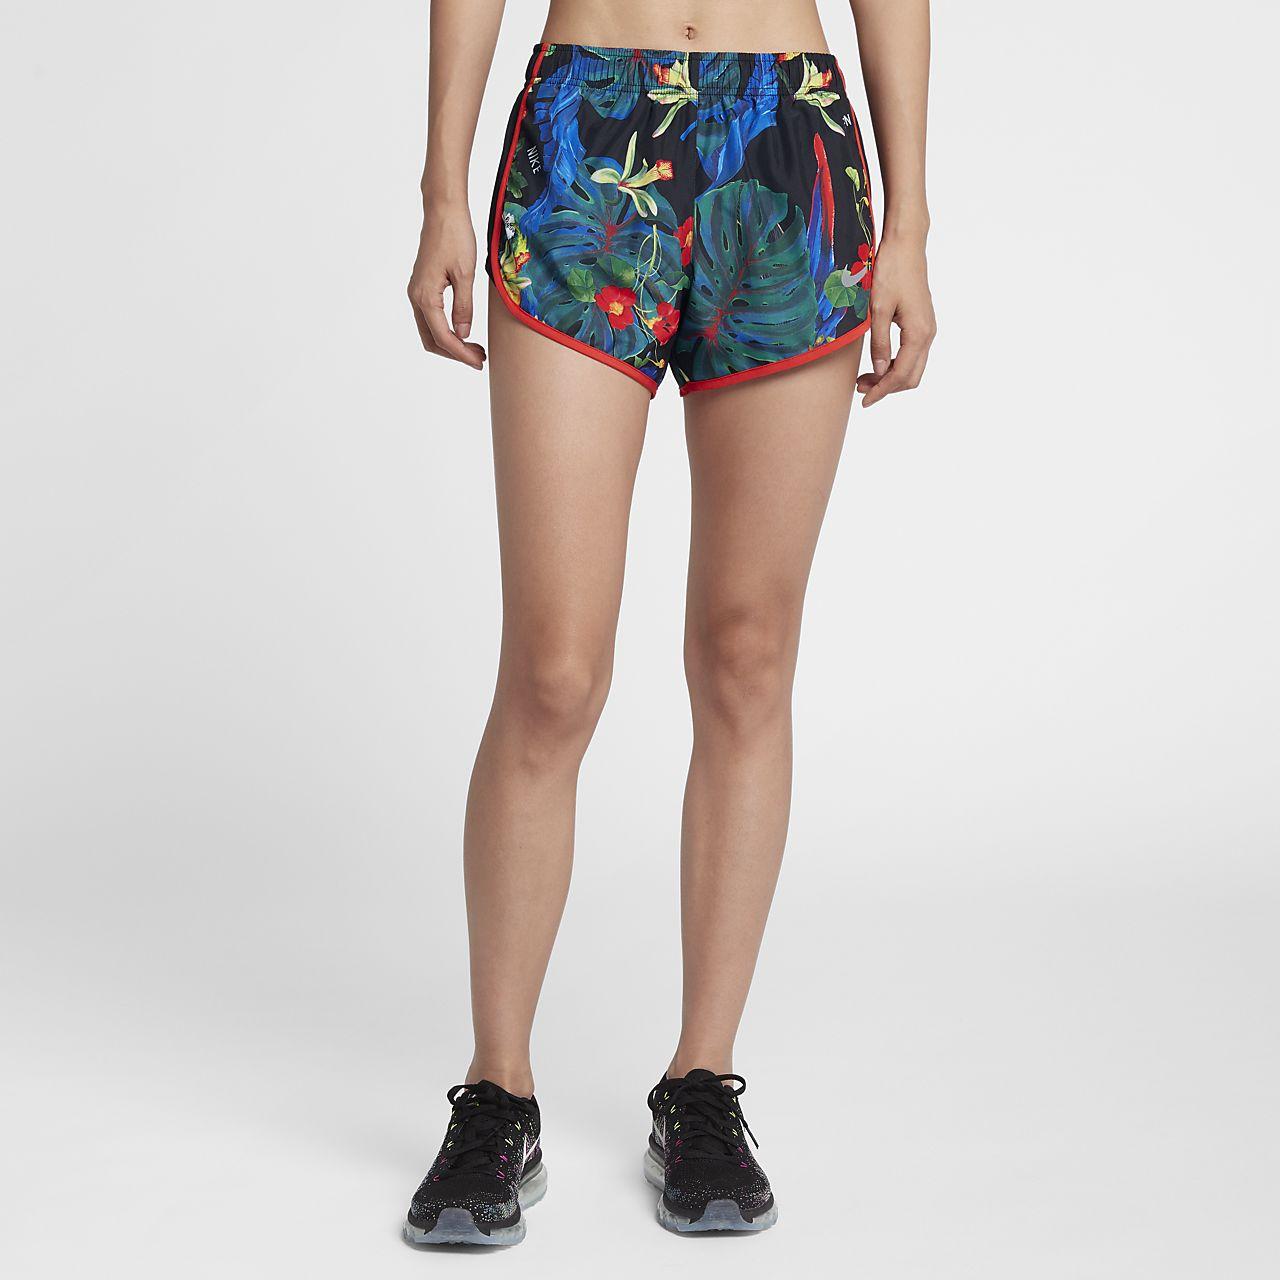 กางเกงวิ่งขาสั้นผู้หญิงพิมพ์ลาย Nike Tempo